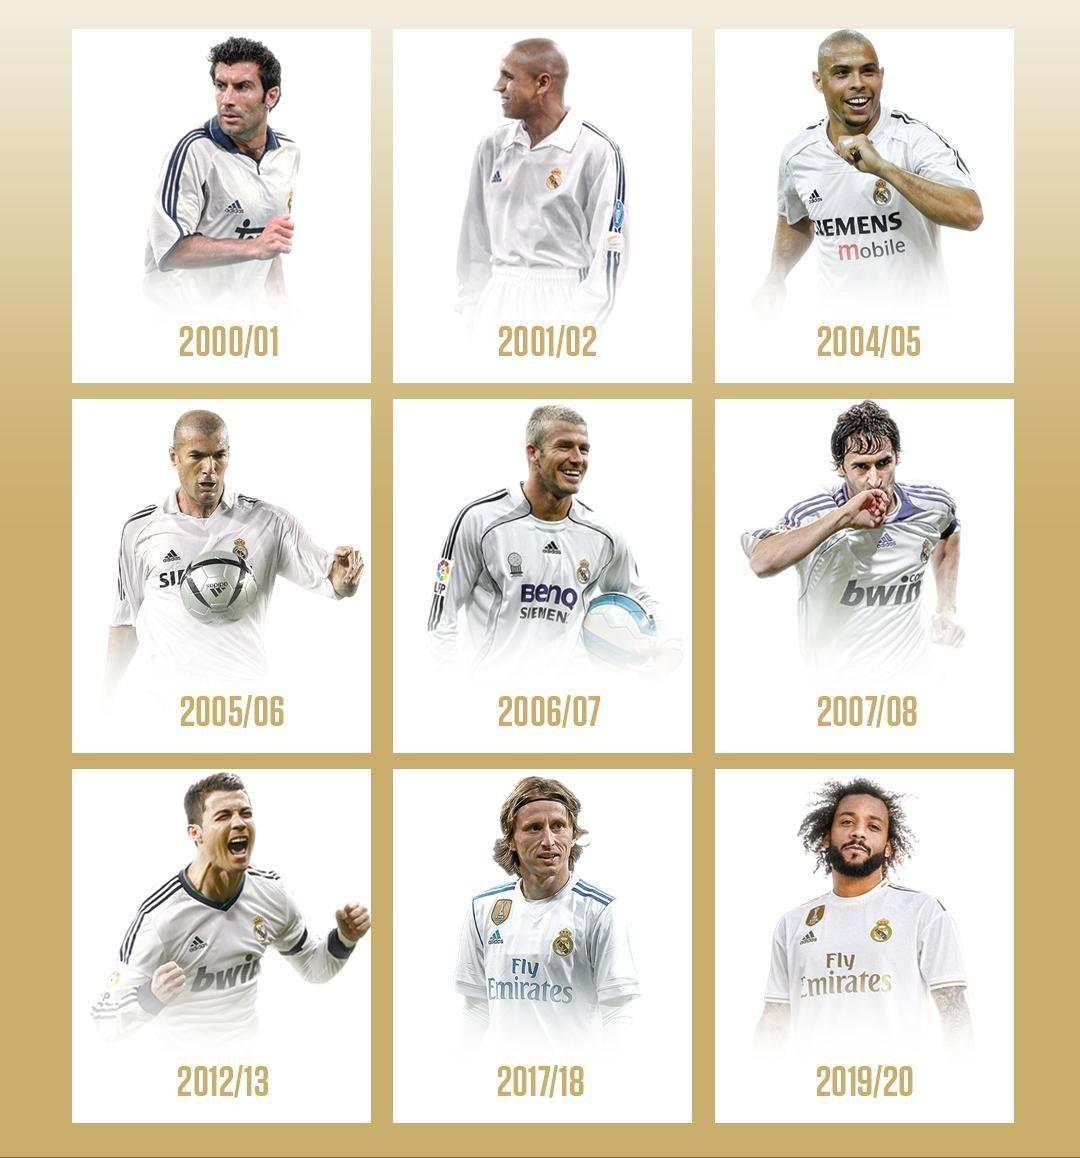 Real Madrid Kit Real Madrid Club Real Madrid Kit Real Madrid Football